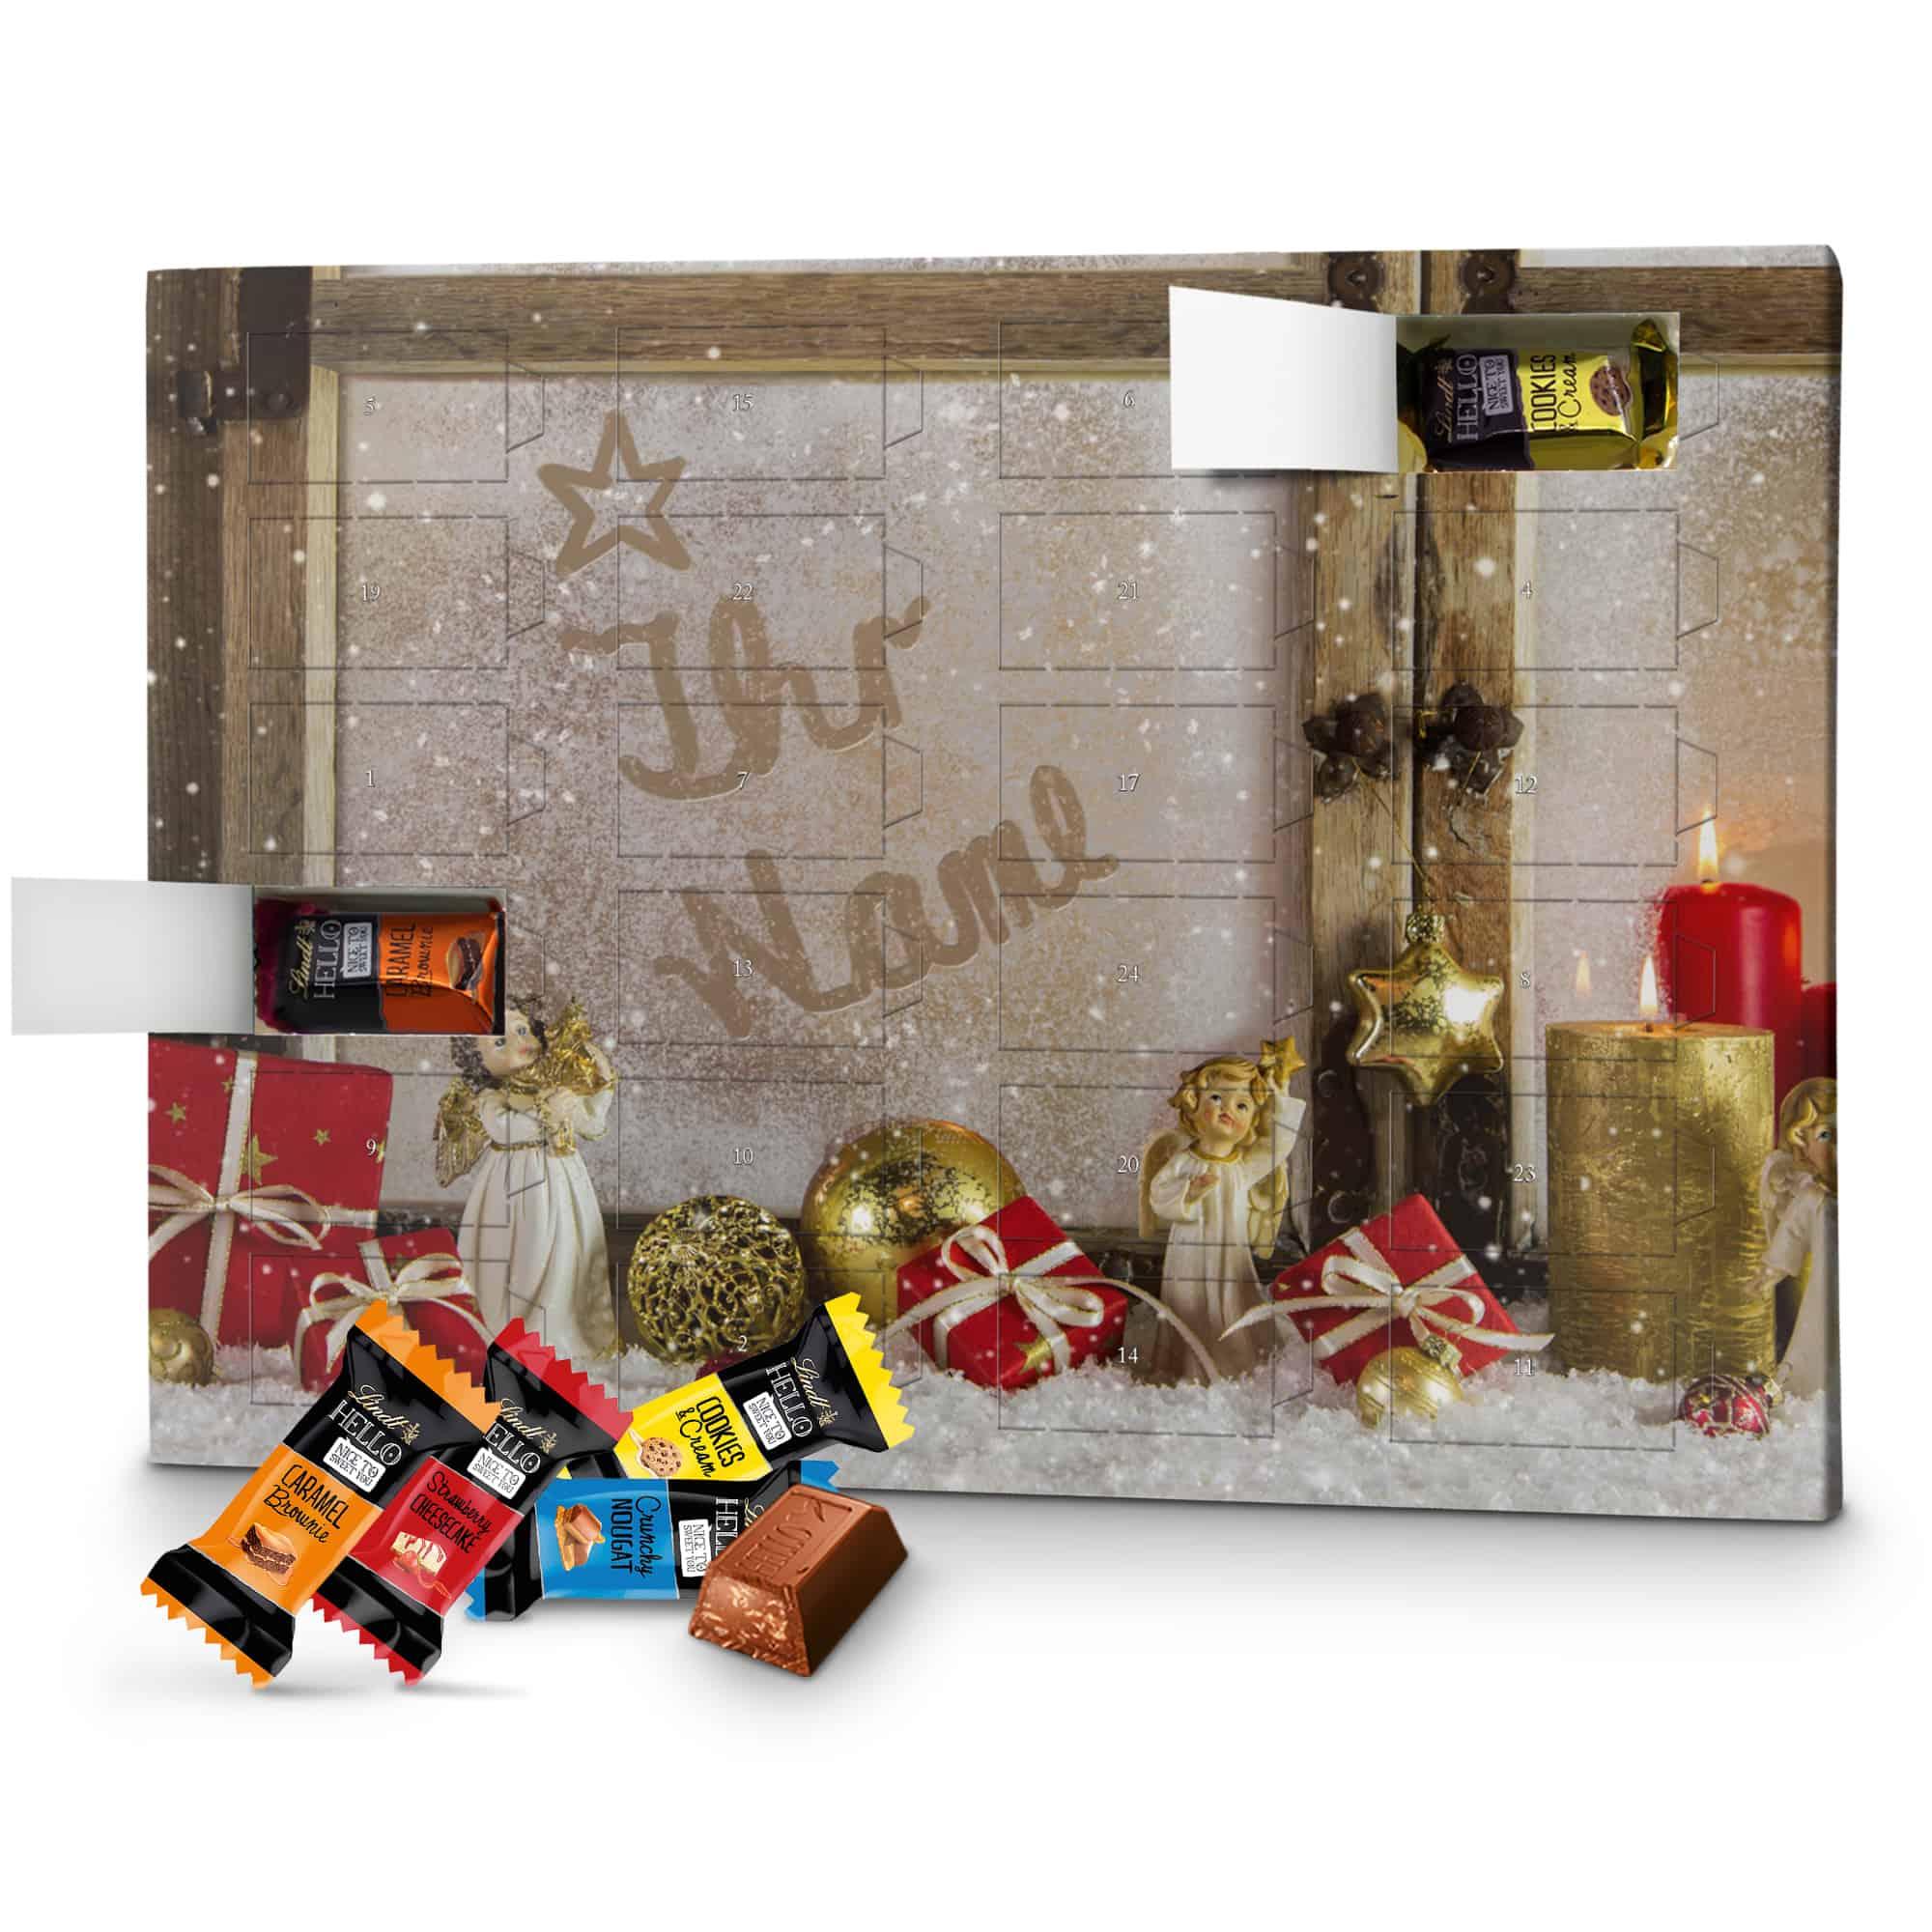 Lindt-Hello-Adventskalender-2462-1_1